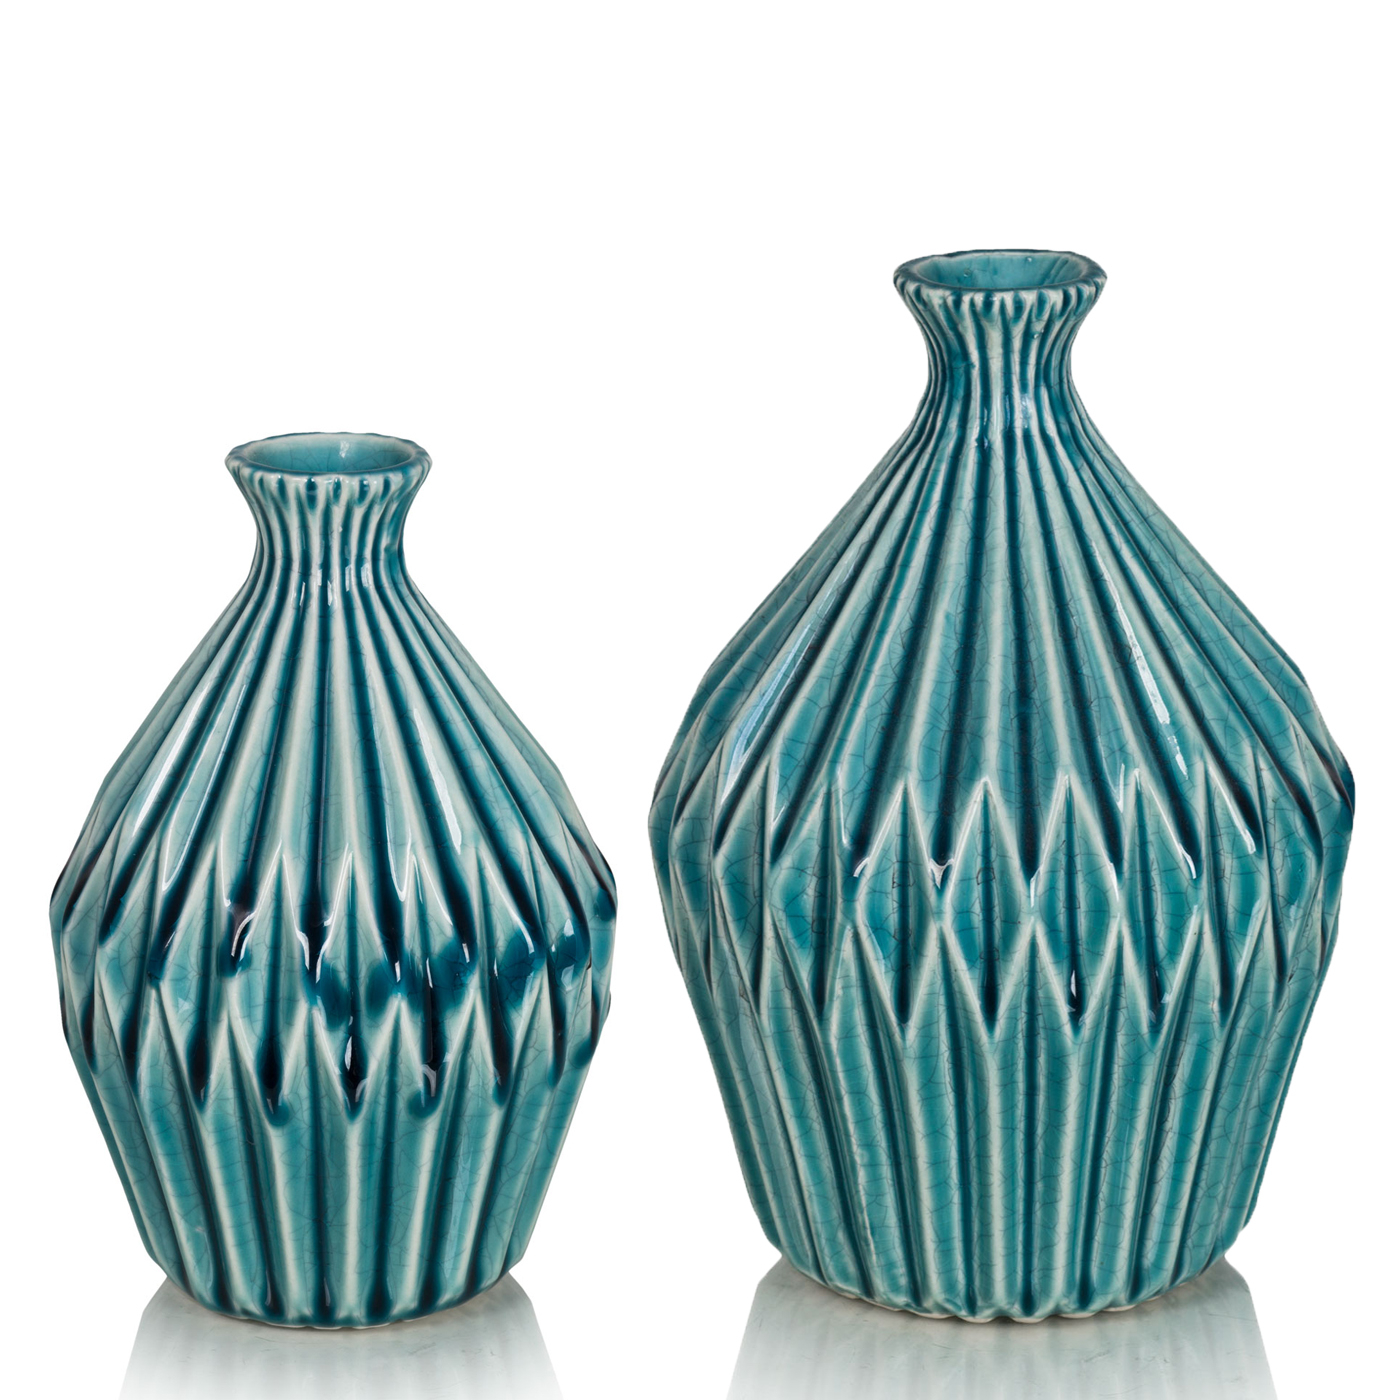 Купить Вазы Home Philosophy, Ваза Prima Цвет: Бирюзовый (12х18 см, большая), Китай, Керамика